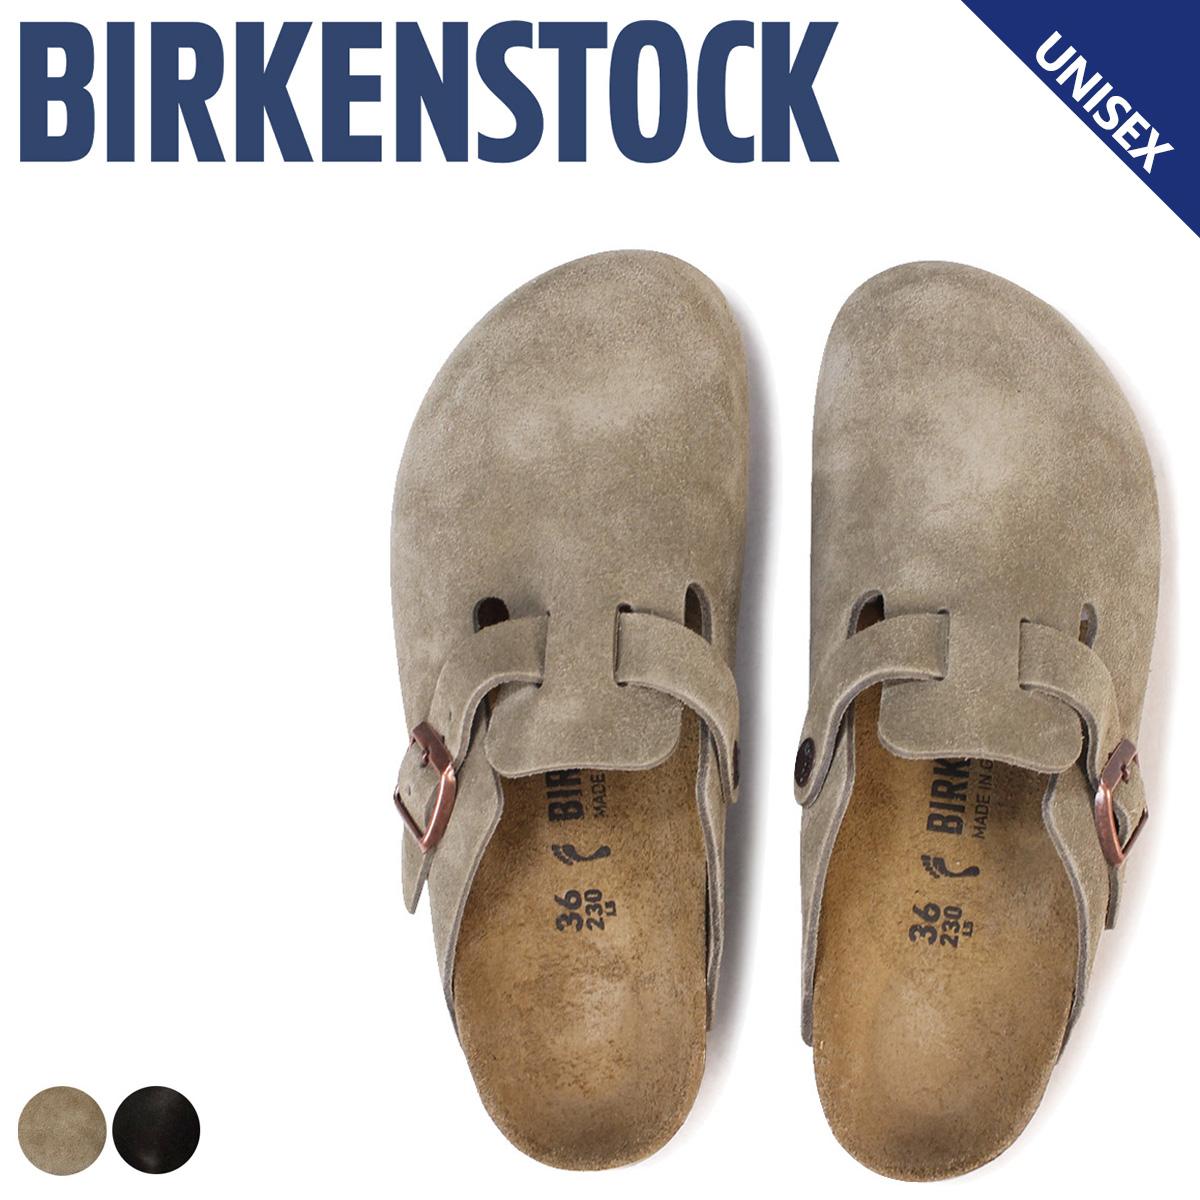 BIRKENSTOCK ボストン メンズ レディース ビルケンシュトック BOSTON ビルケン サンダル 細幅 普通幅 クロッグサンダル スエード